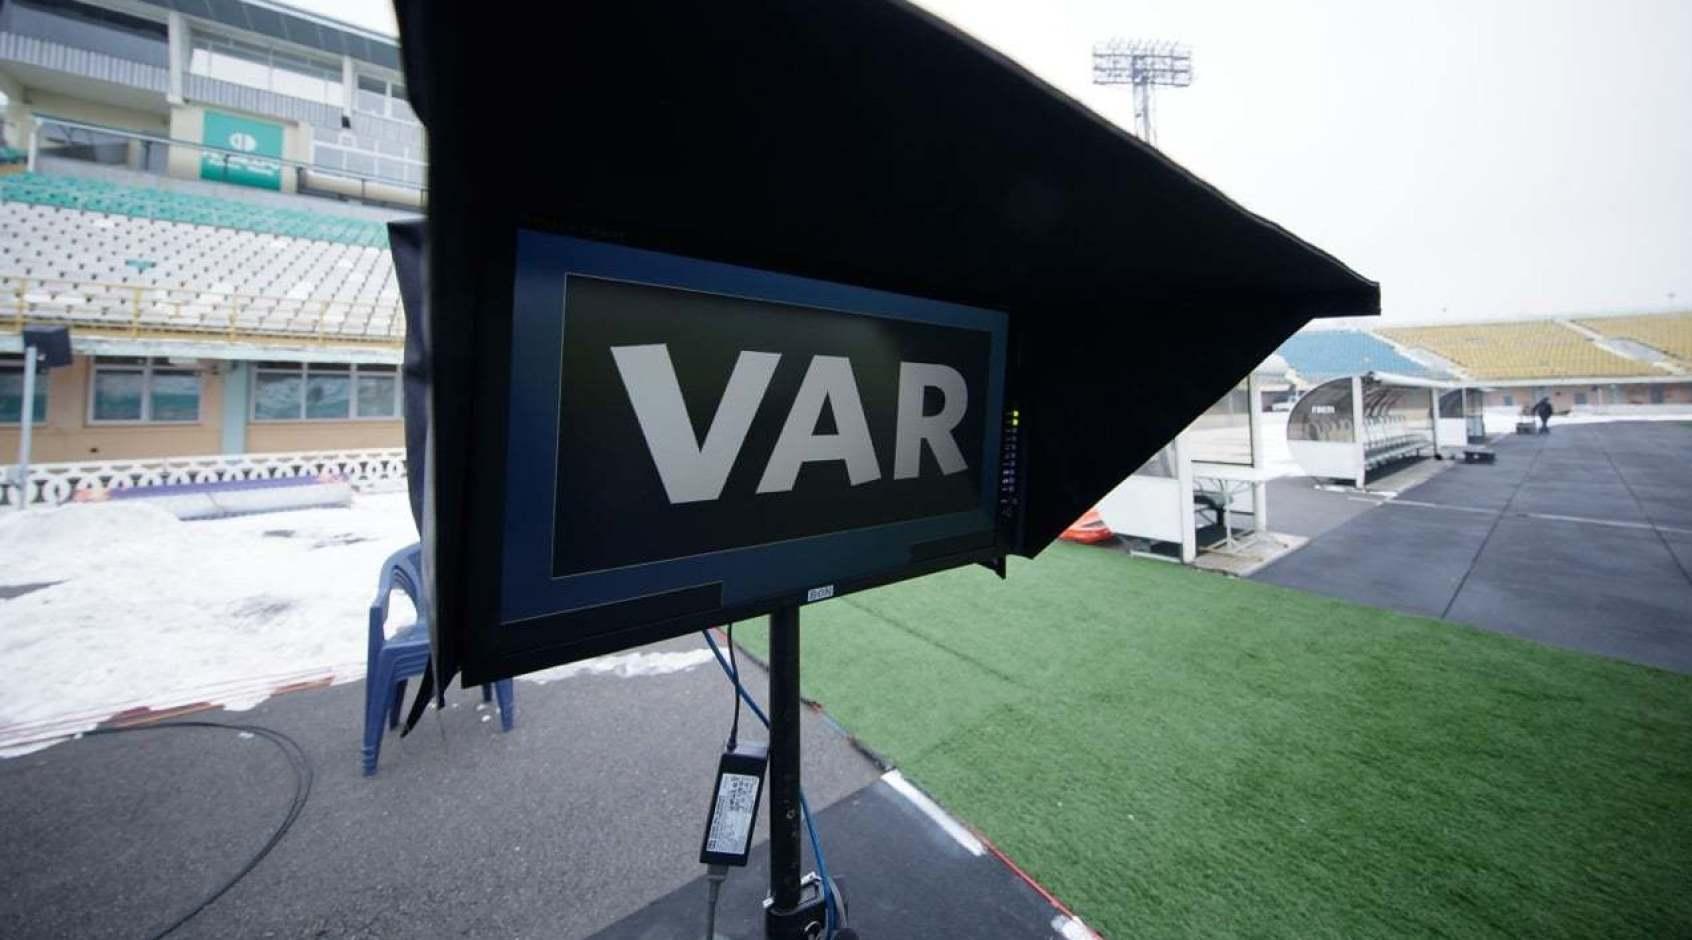 В Южной Америке предложили не учитывать время, которое арбитры тратят на VAR